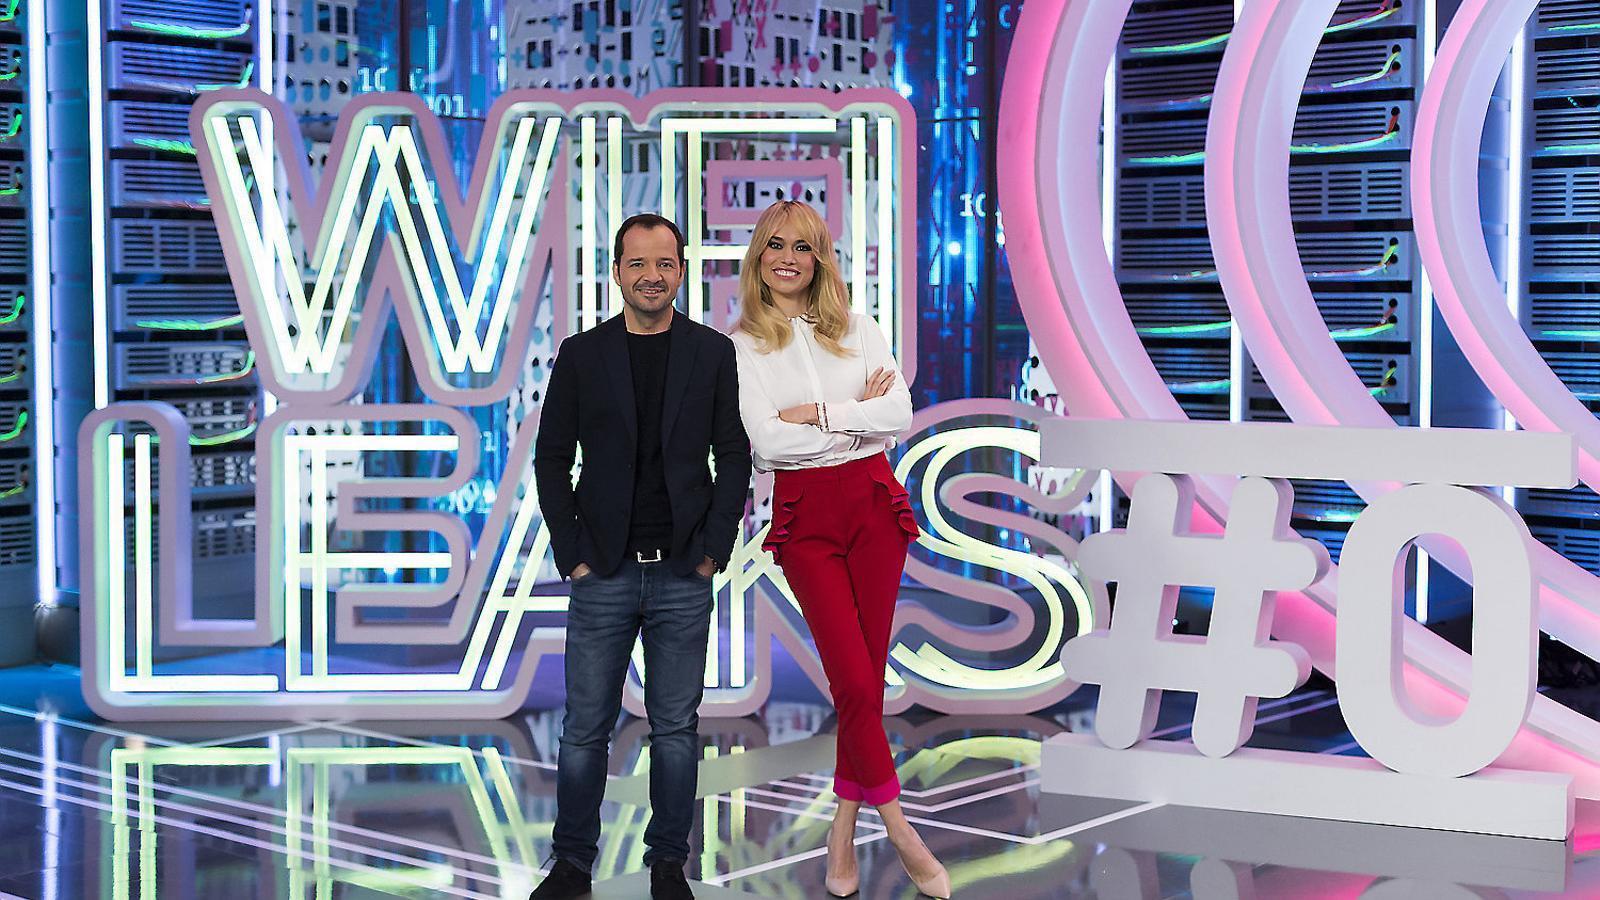 Patricia Conde i Ángel Martín viatgen al futur amb 'Wifileaks'